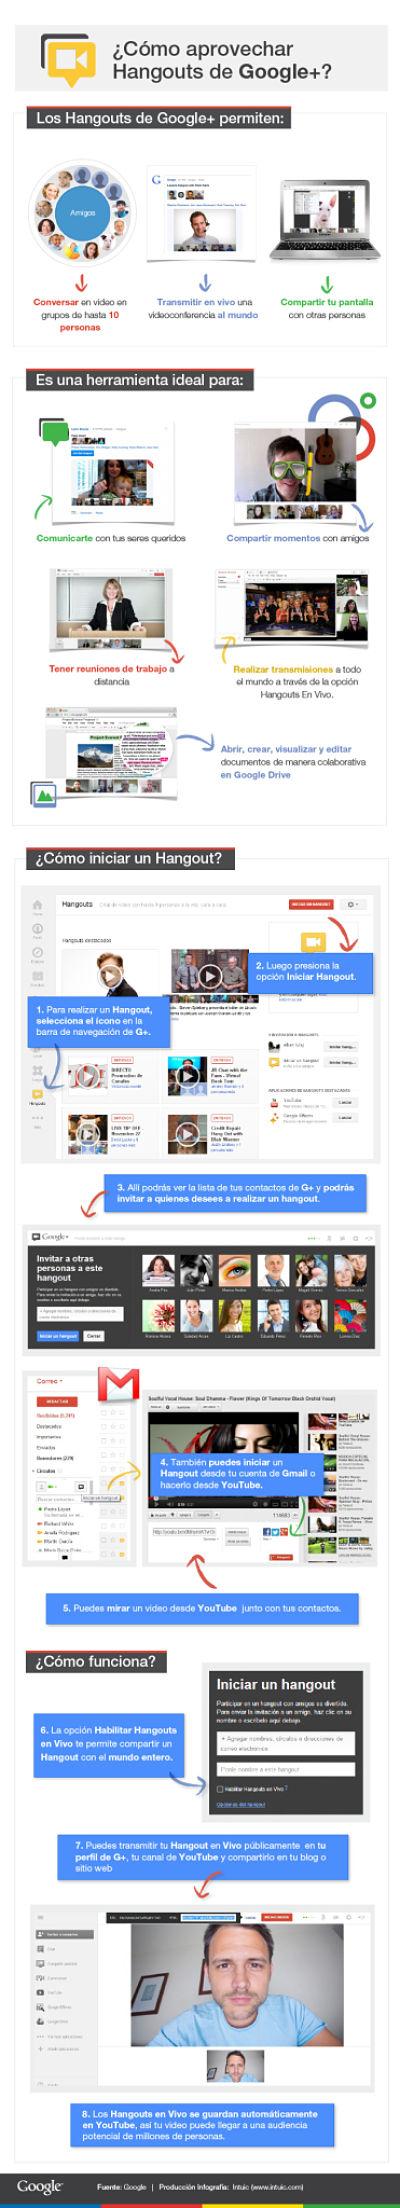 Actualidad Informática. Cómo aprovechar Hangouts de Google +. Rafael Barzanallana. UMU